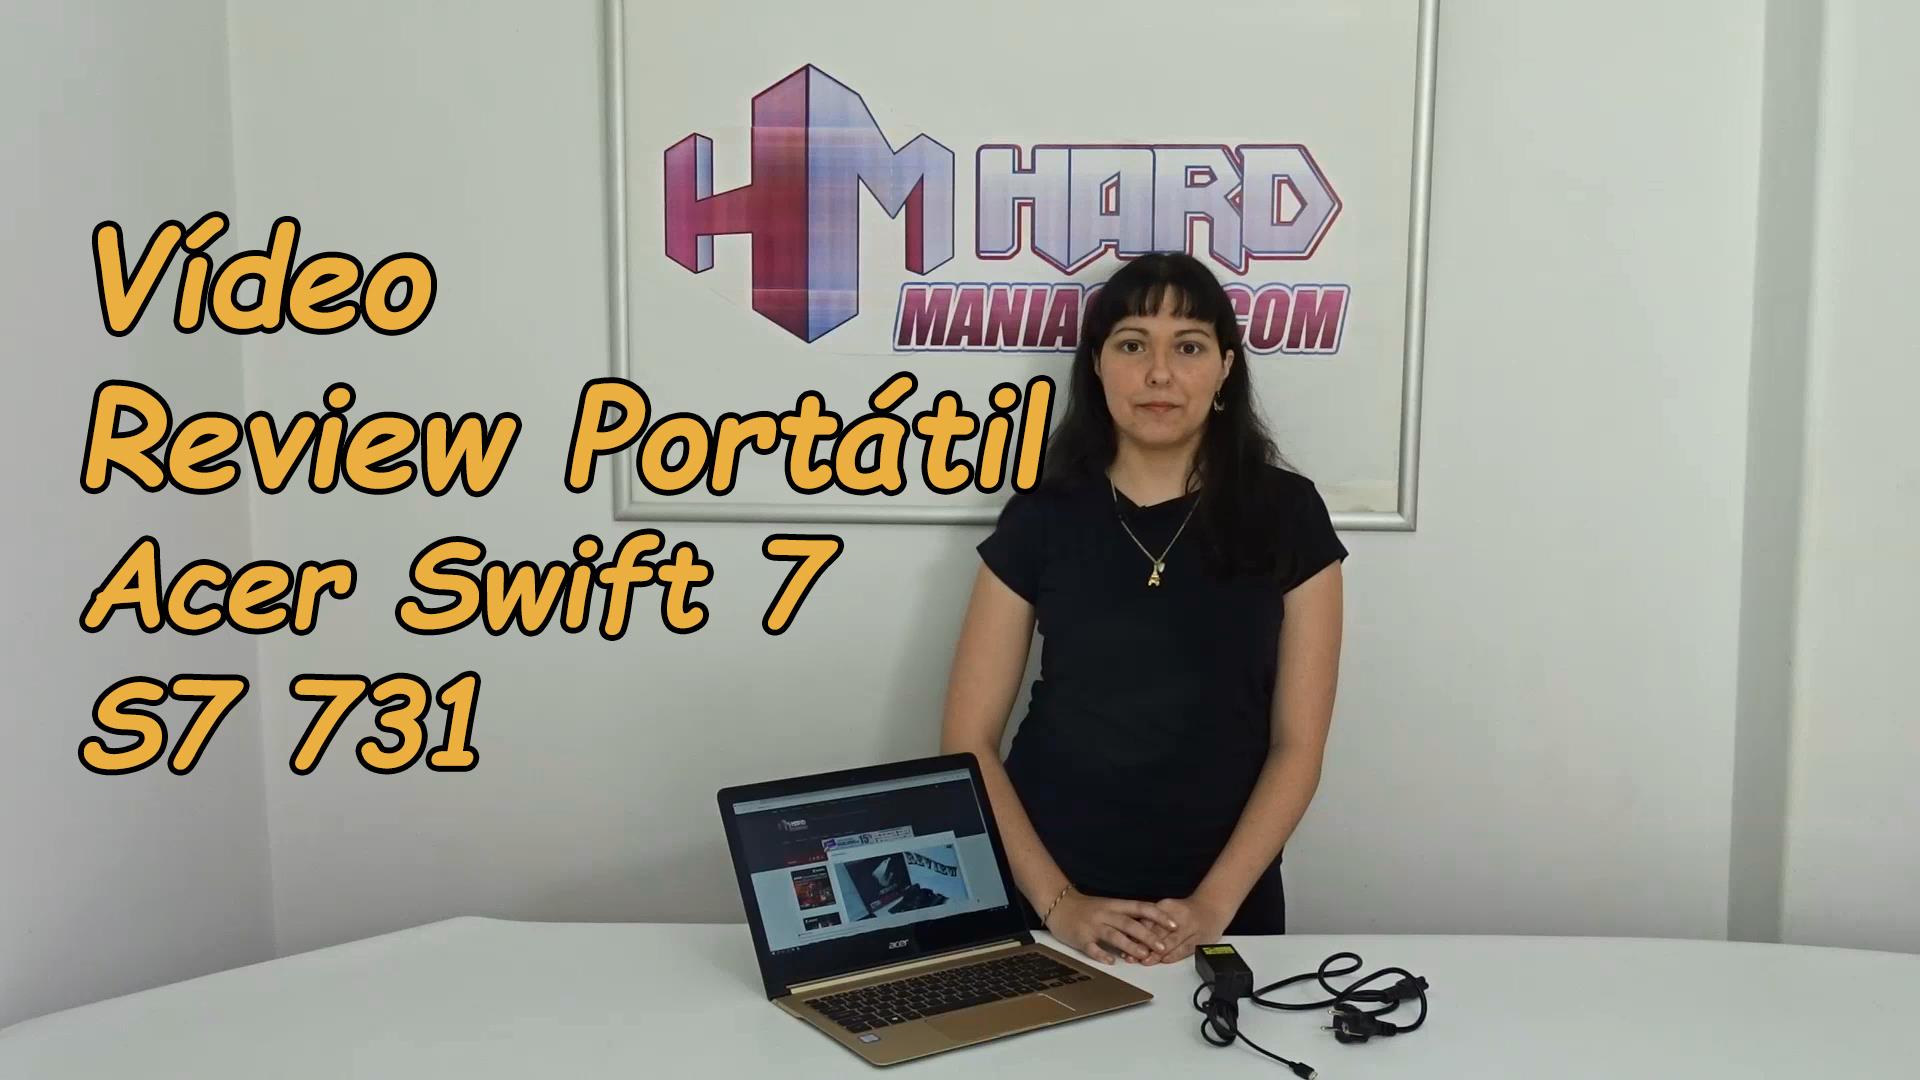 Vídeo review Portátil Acer Swift 7 S7 731